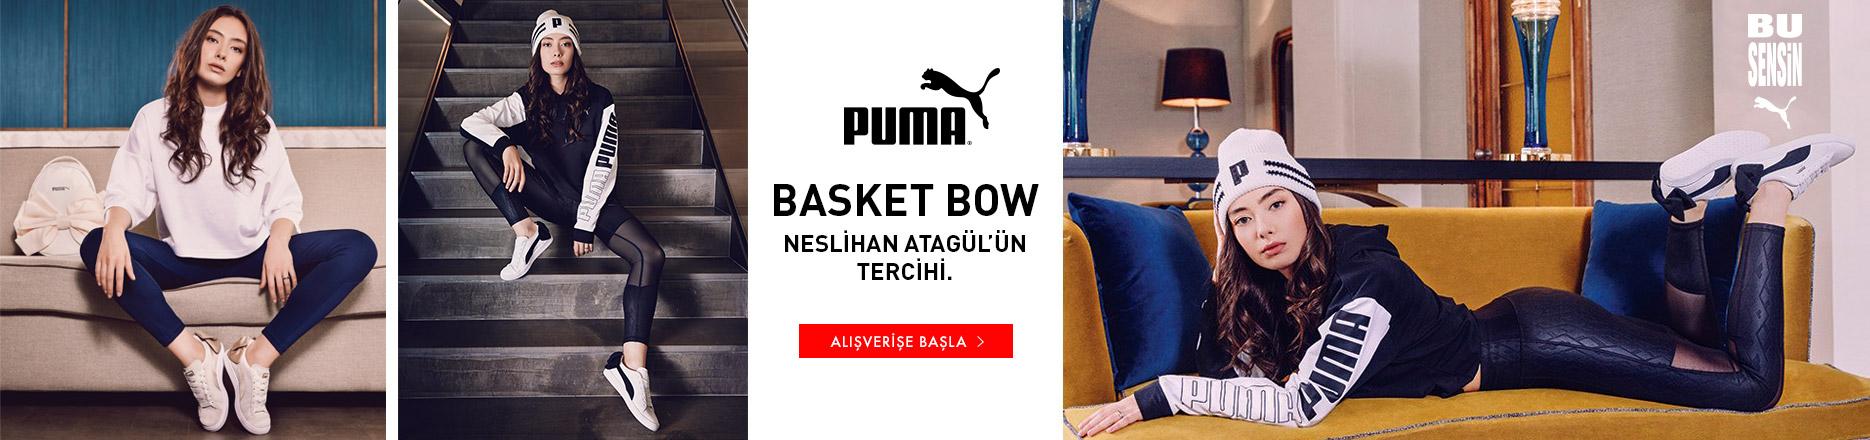 puma-suede